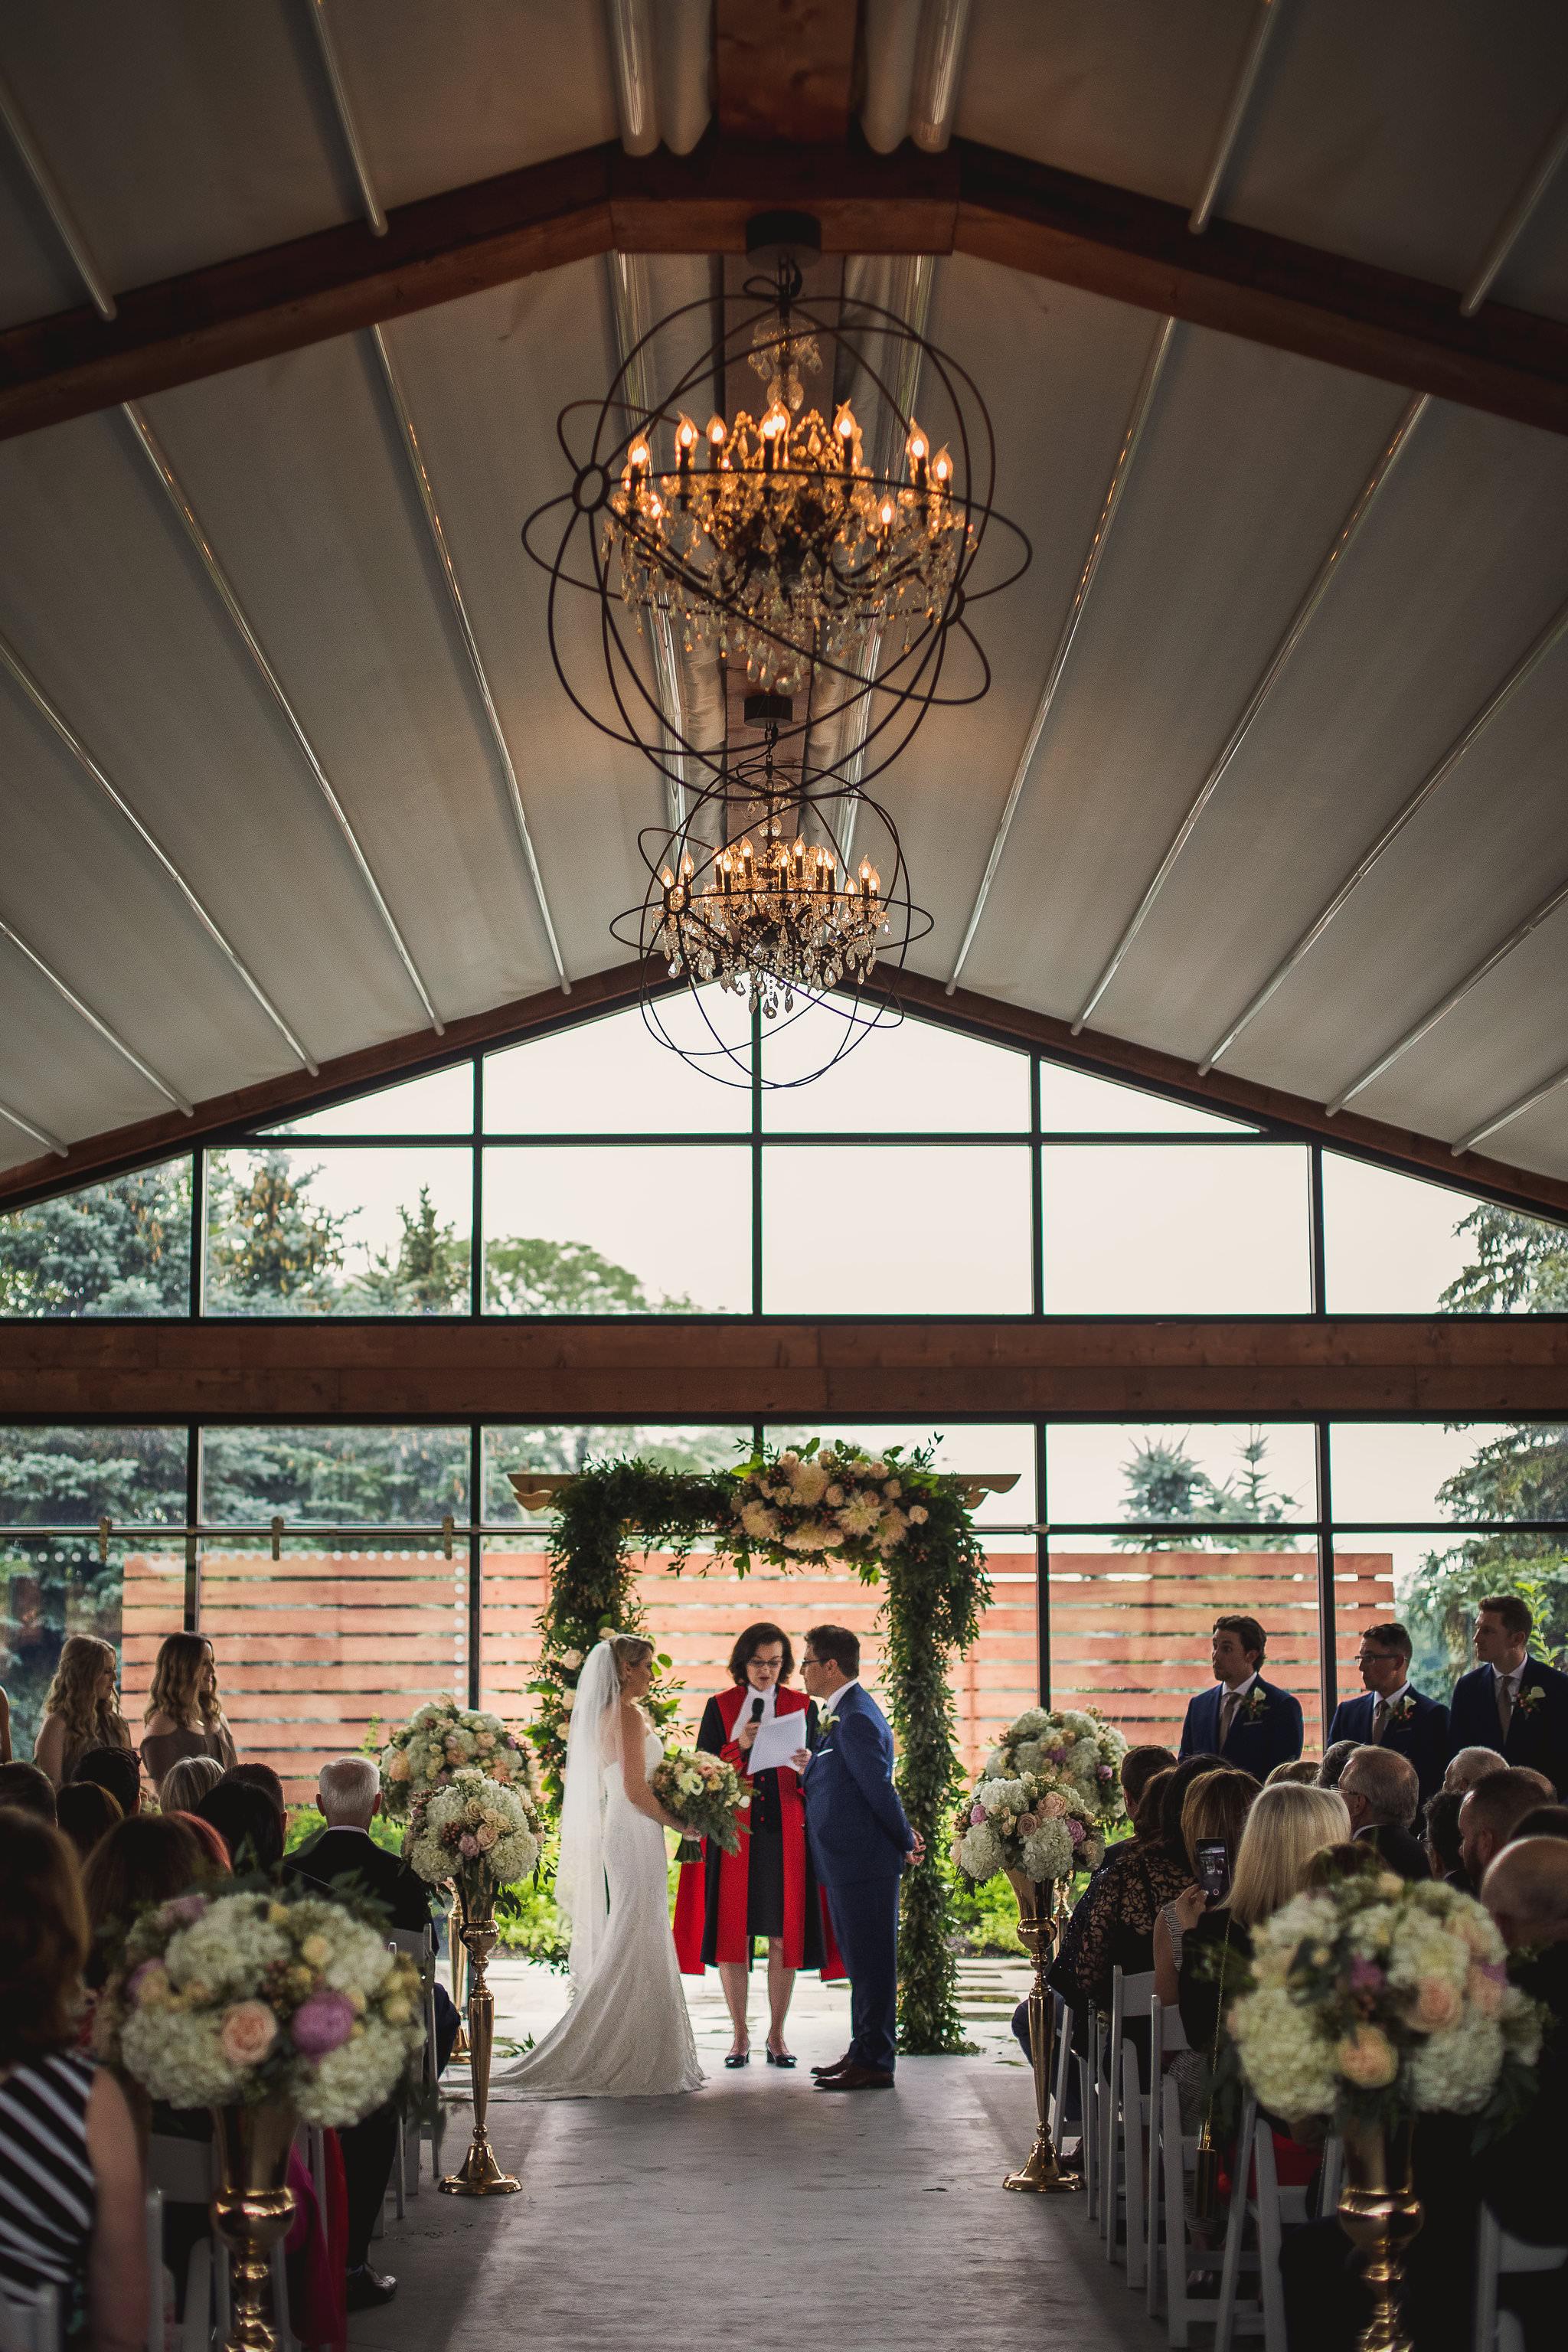 whistlebearweddingphotos 346 - Whistle Bear Wedding Photos